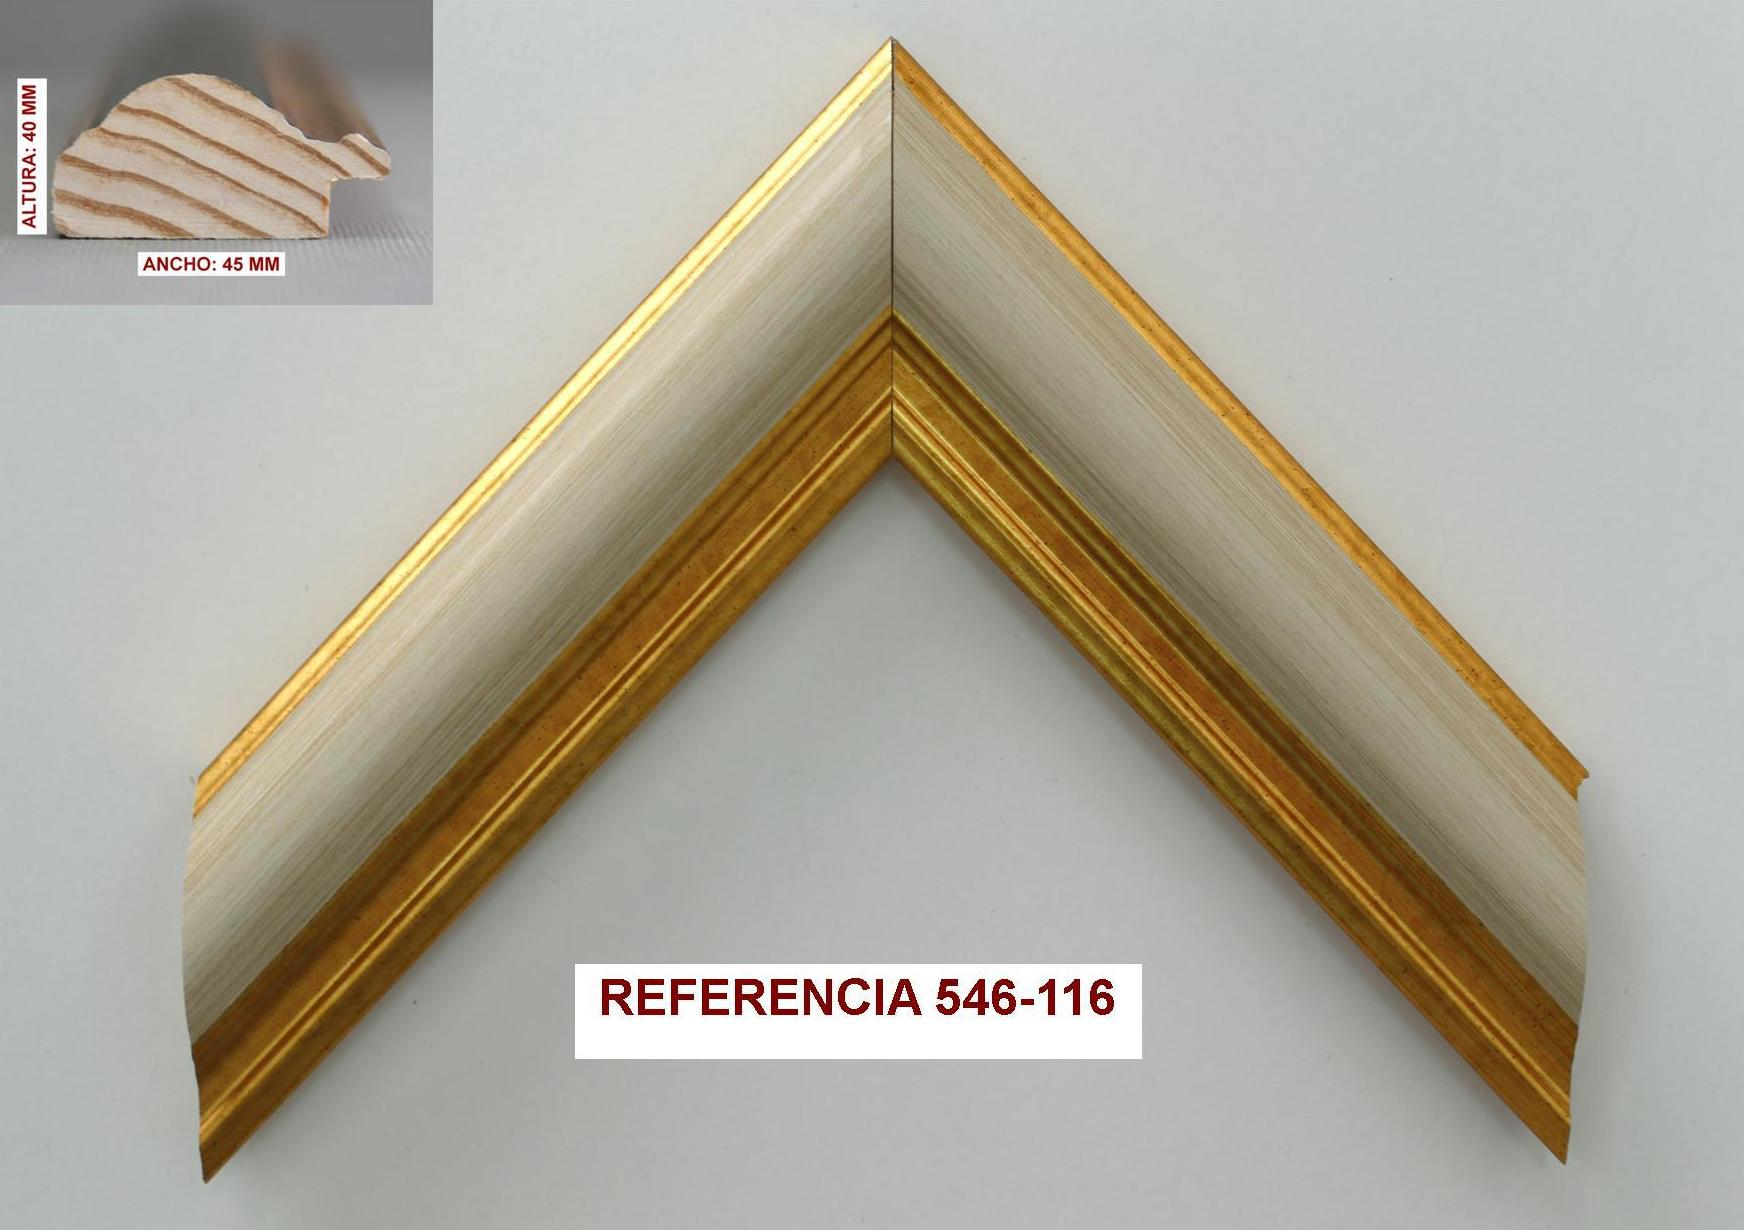 REF 546-116: Muestrario de Moldusevilla